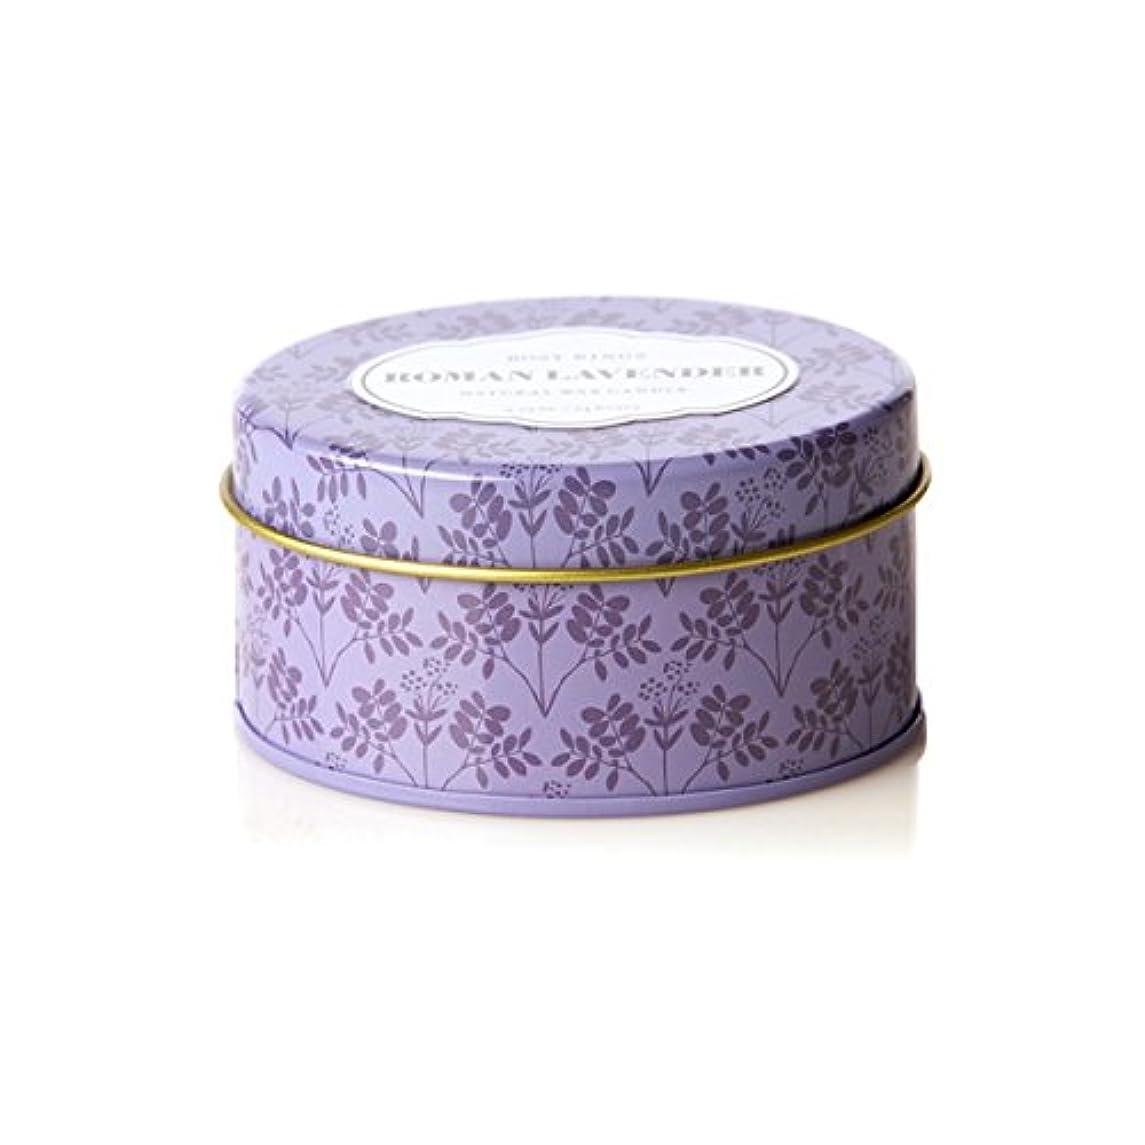 受益者潮カウンターパートロージーリングス トラベルティンキャンドル ロマンラベンダー ROSY RINGS Roman Lavender Travel Tin